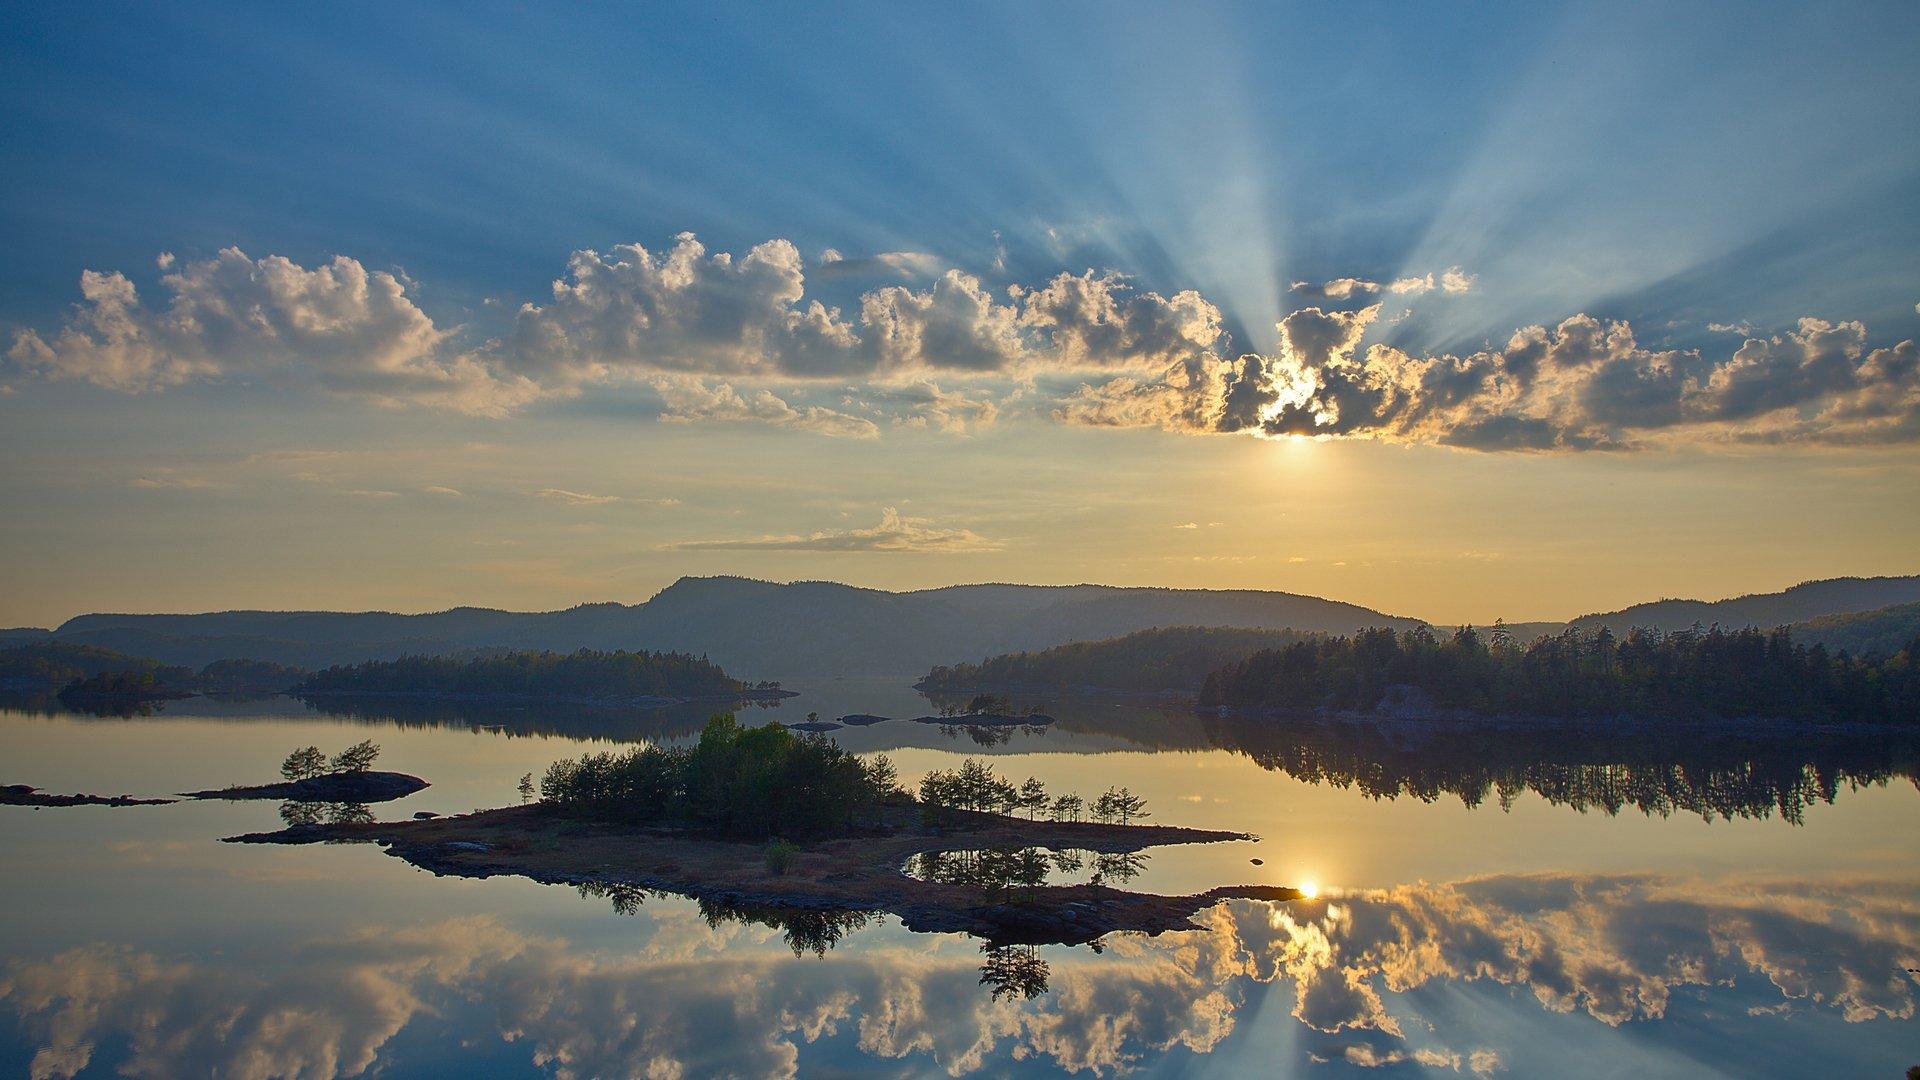 природа облака солнце река  № 2602854 бесплатно